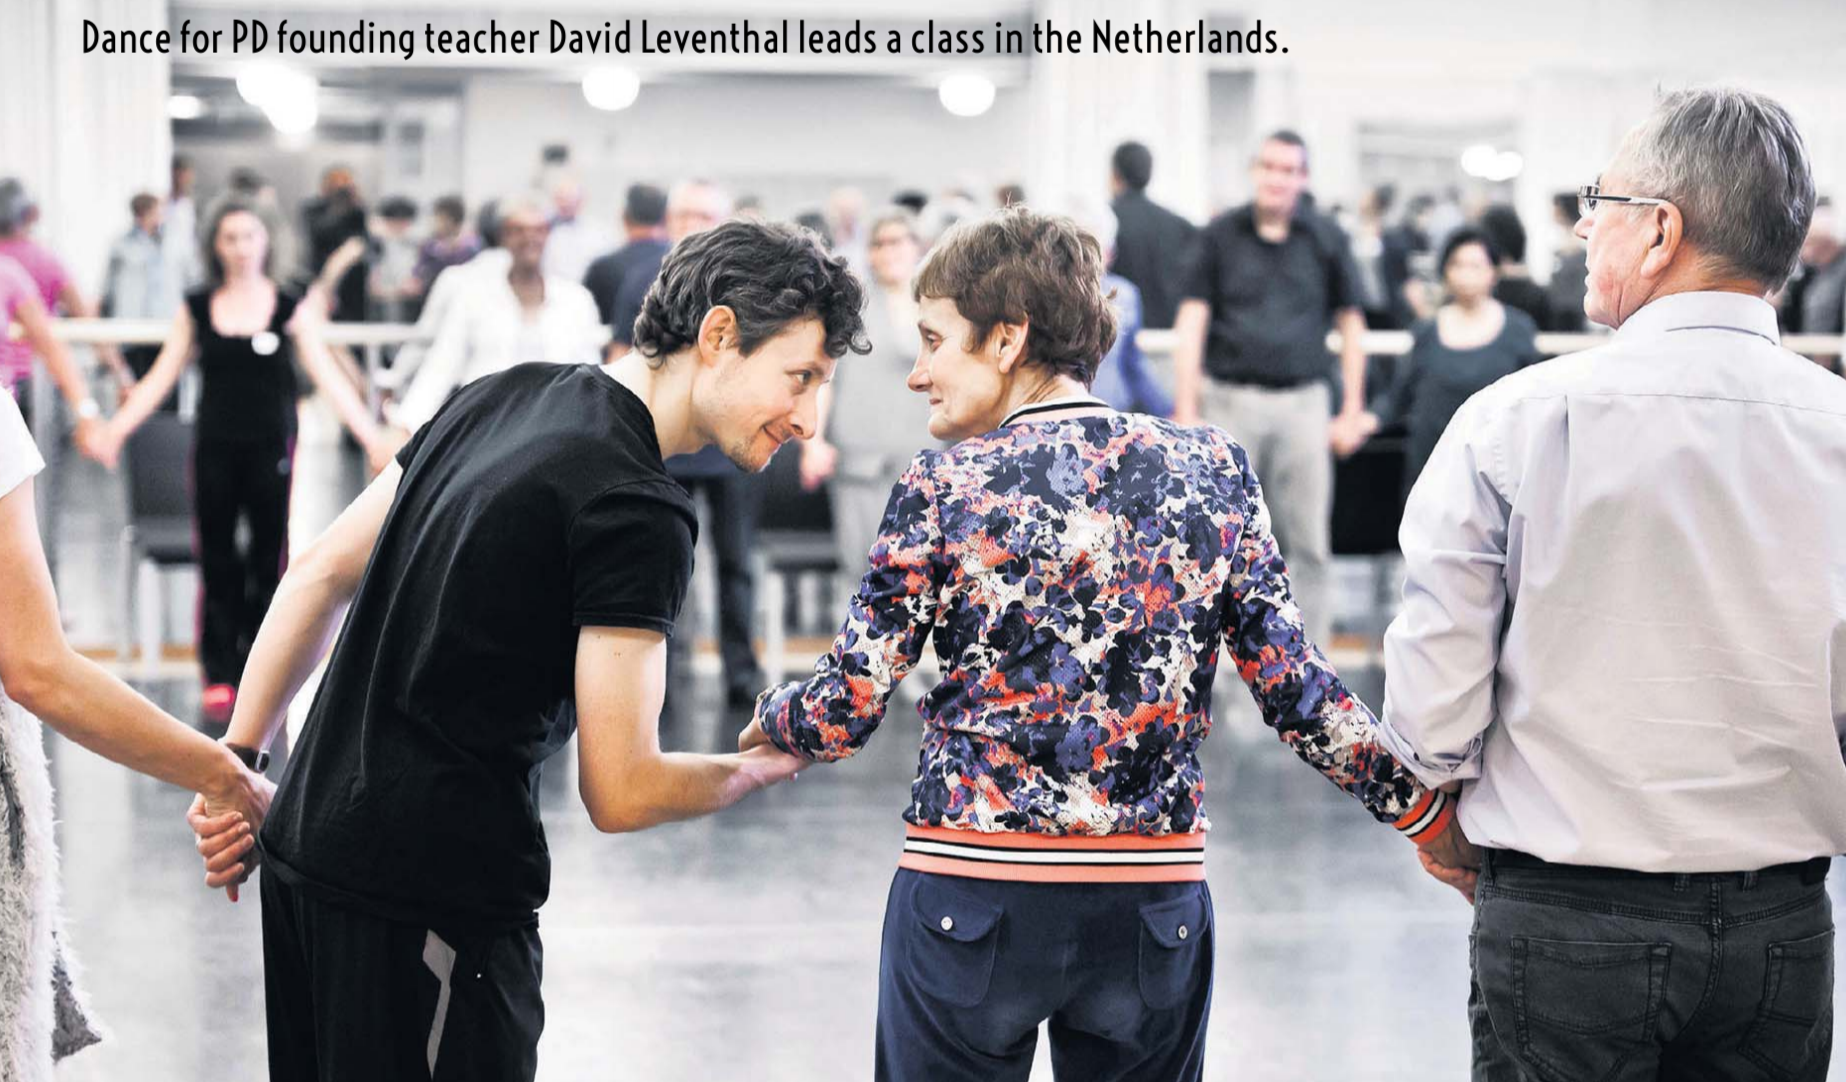 David Leventhal teaches_Photo Roger Dohmen.PNG